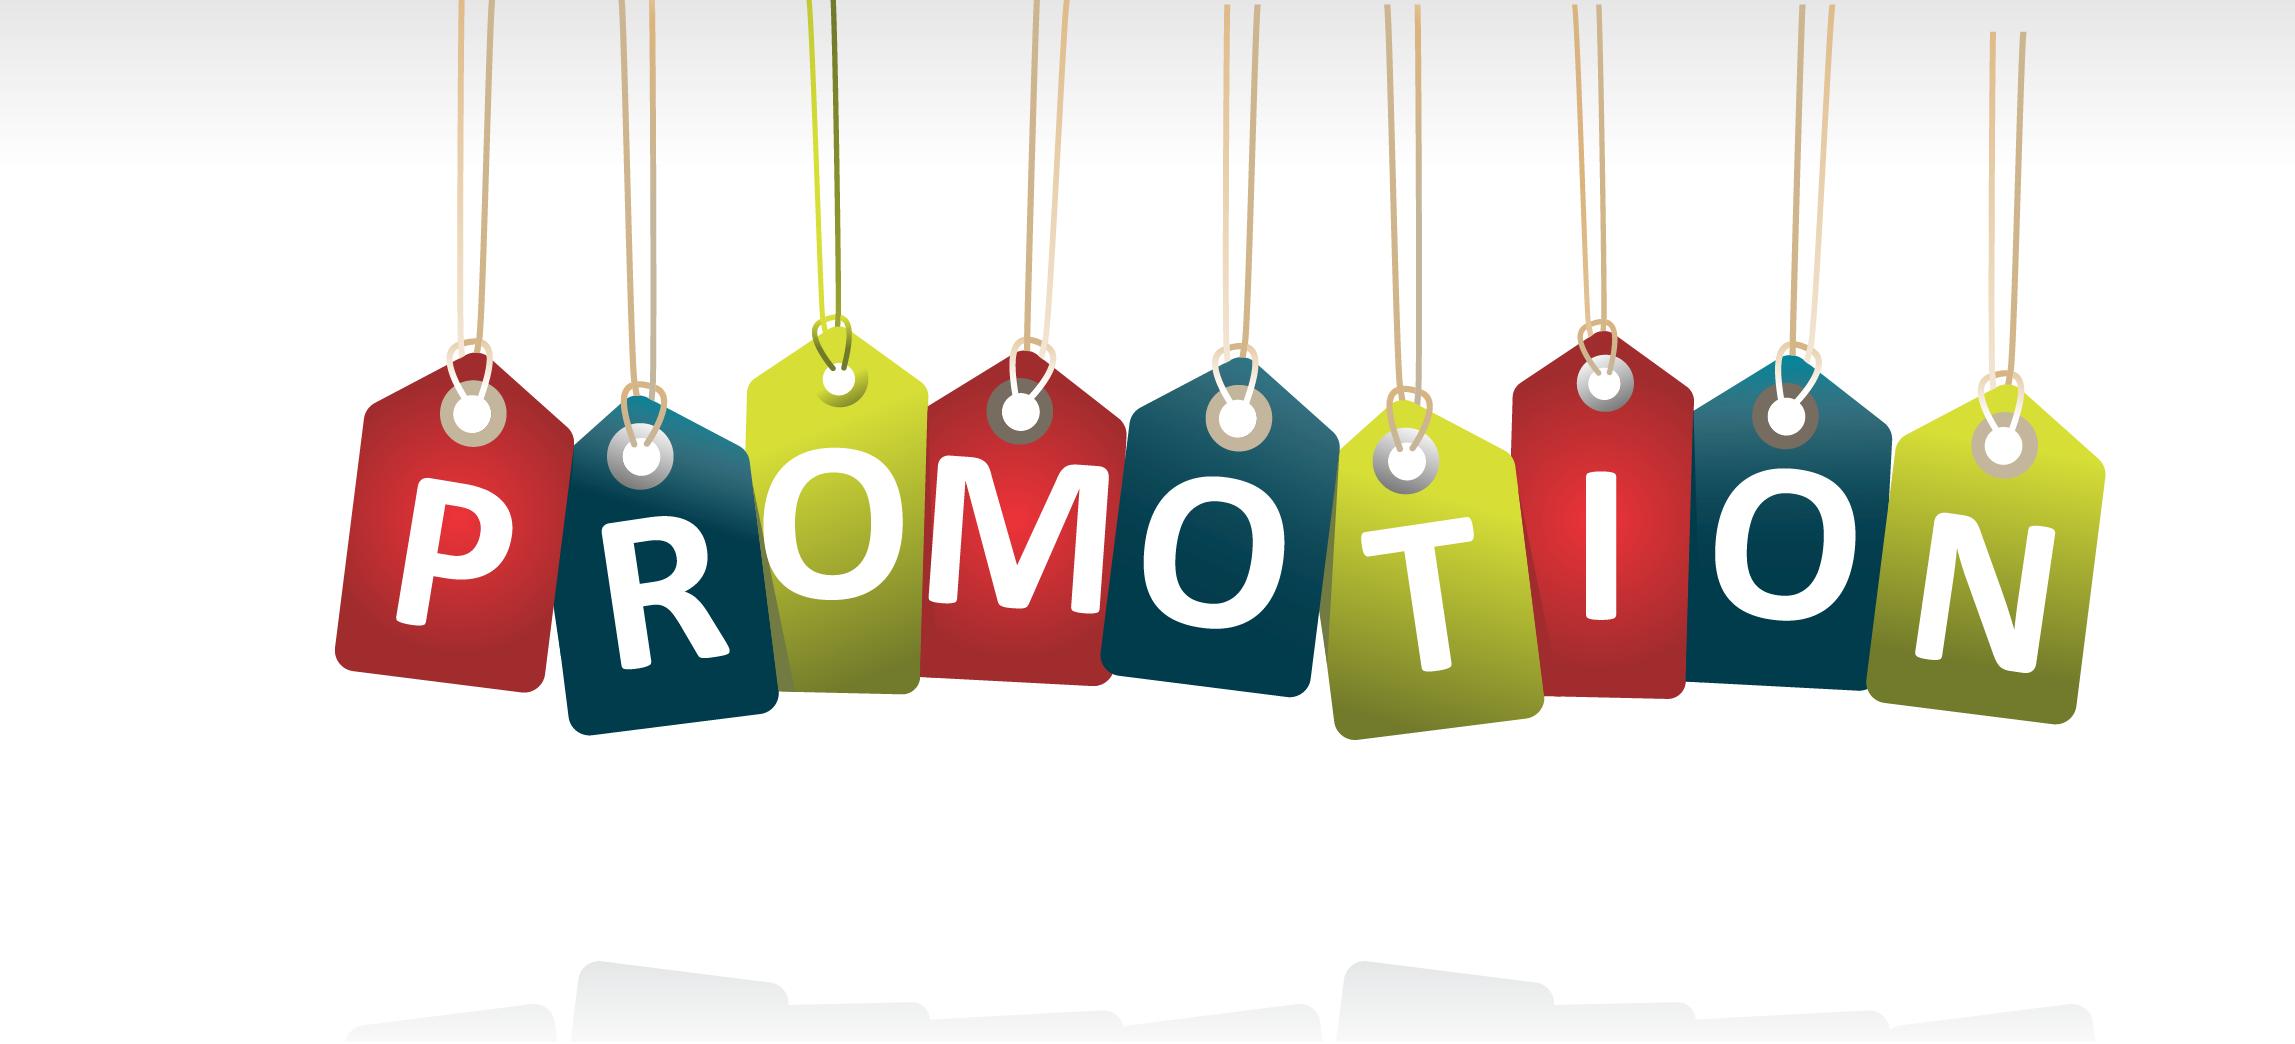 5 mẹo tăng tăng doanh số bán hàng hiệu quả nhất